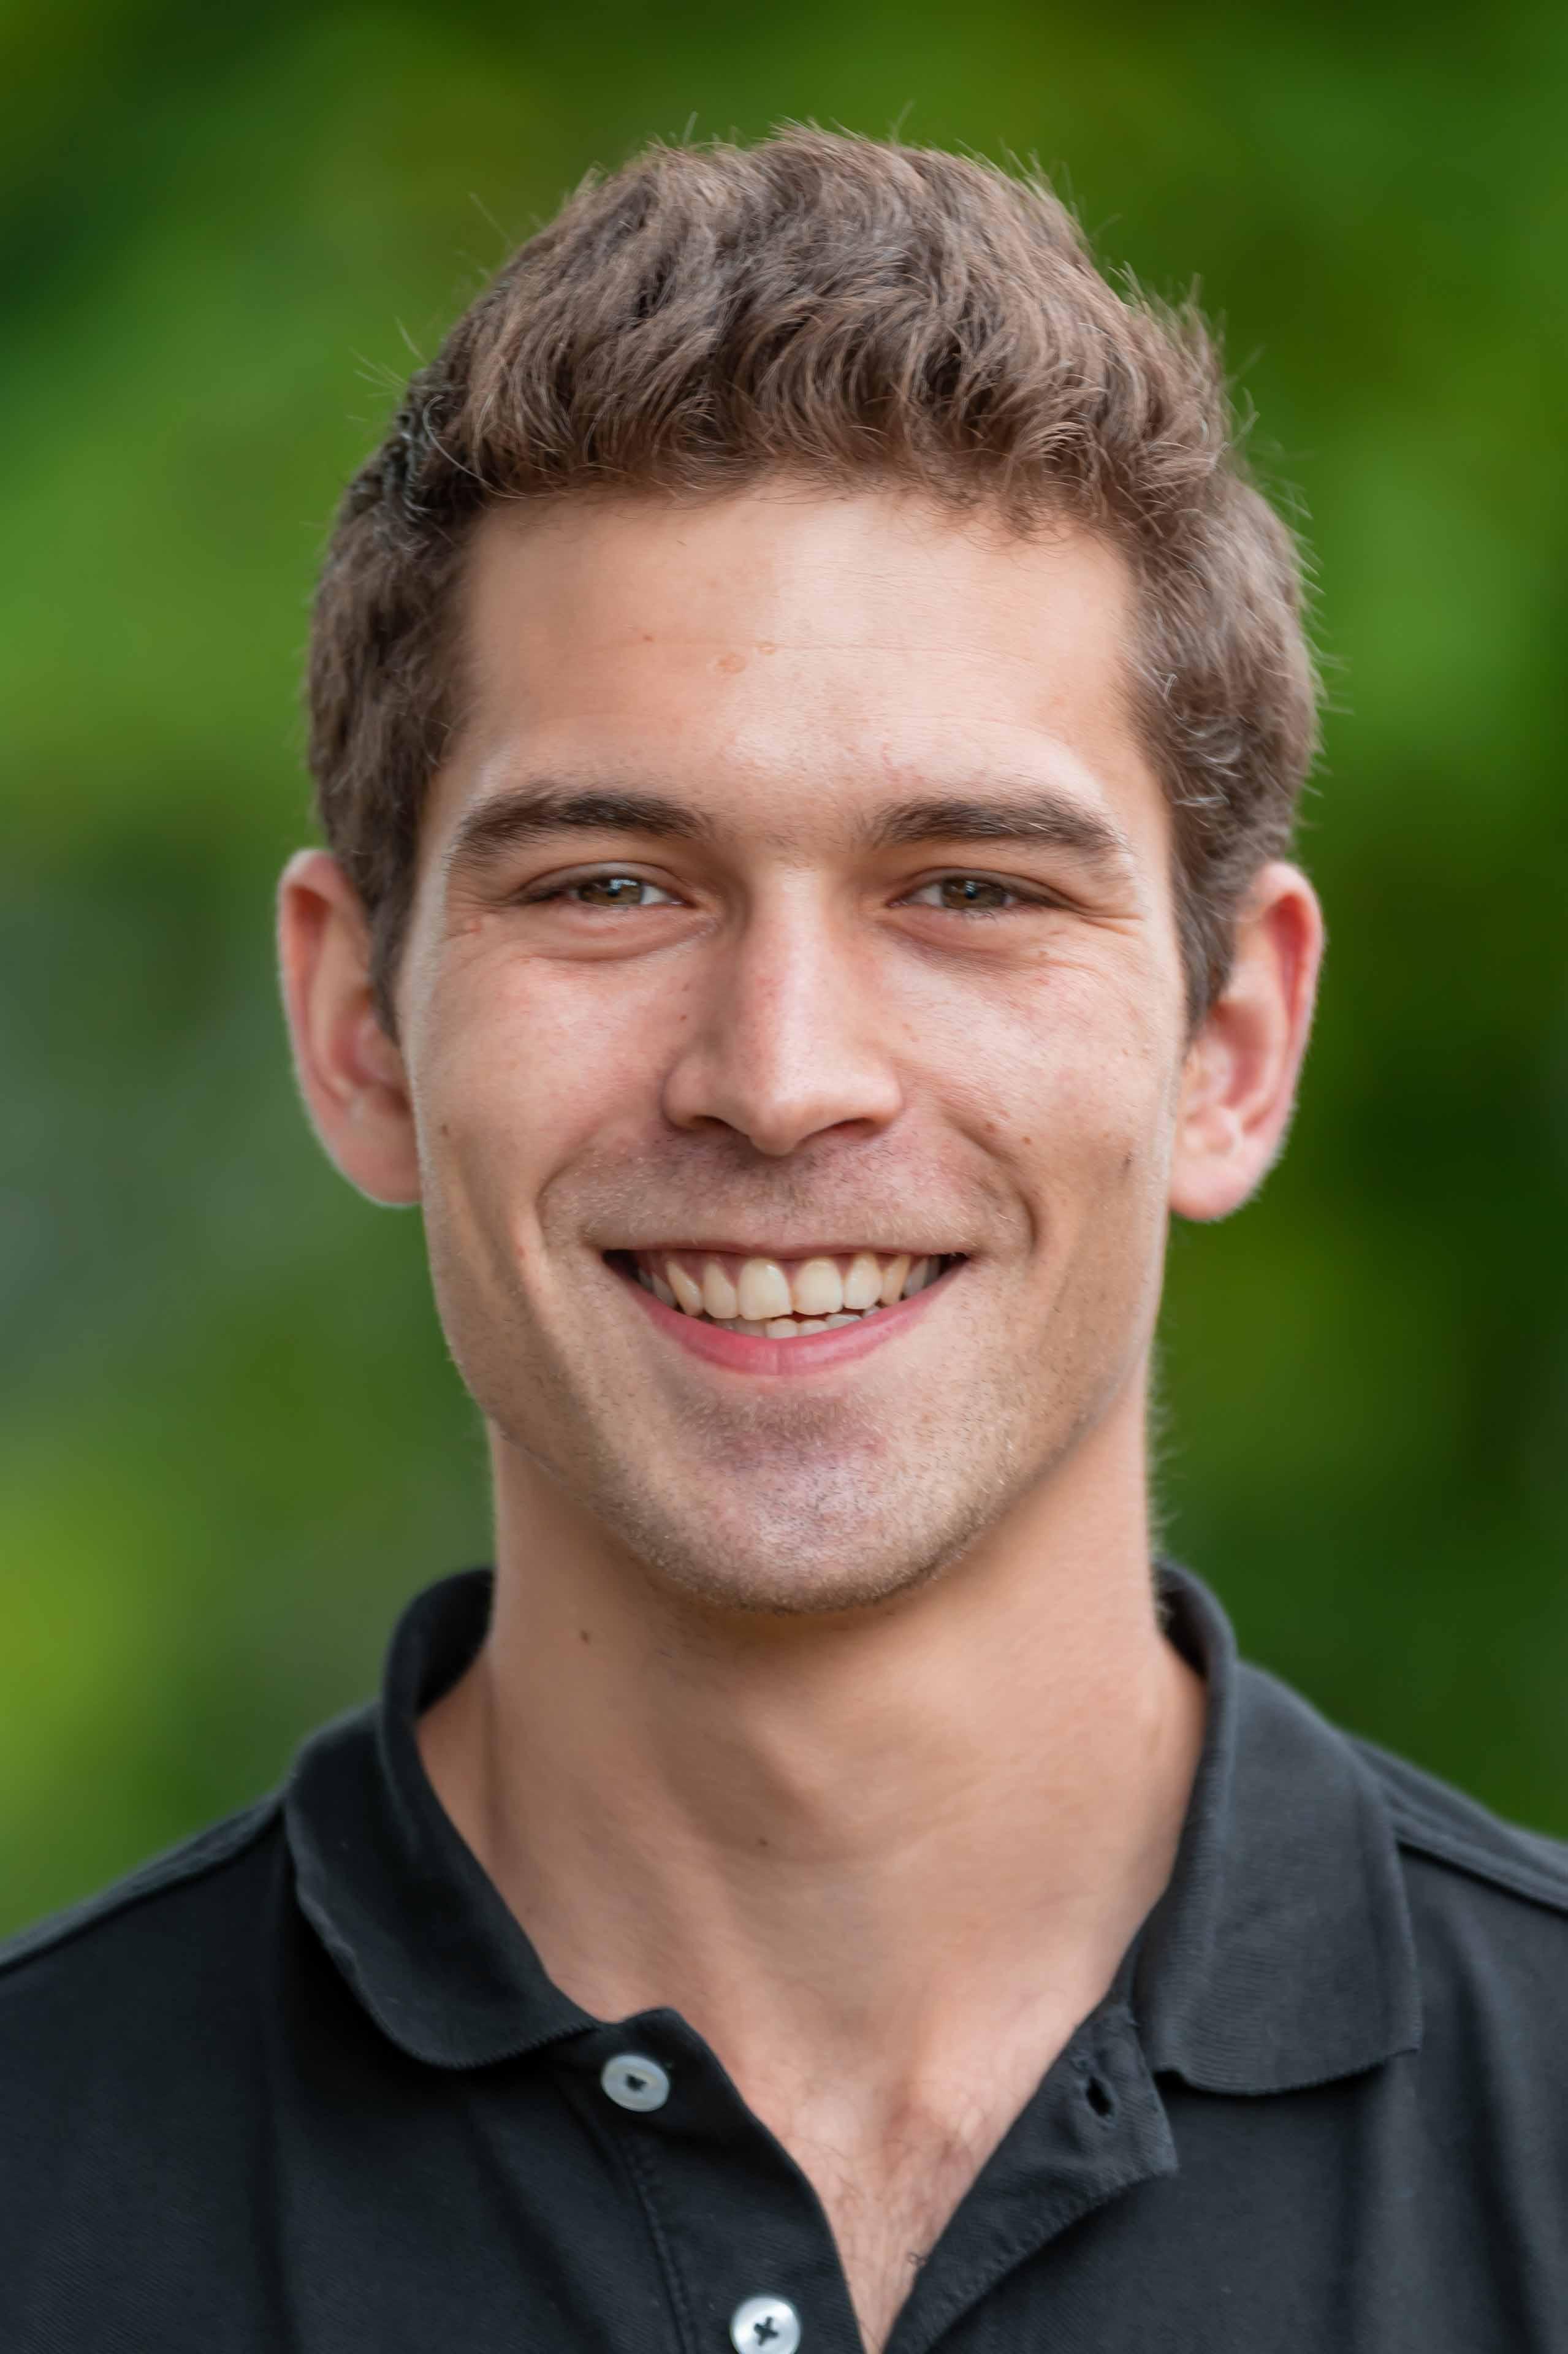 Pascal Rössler